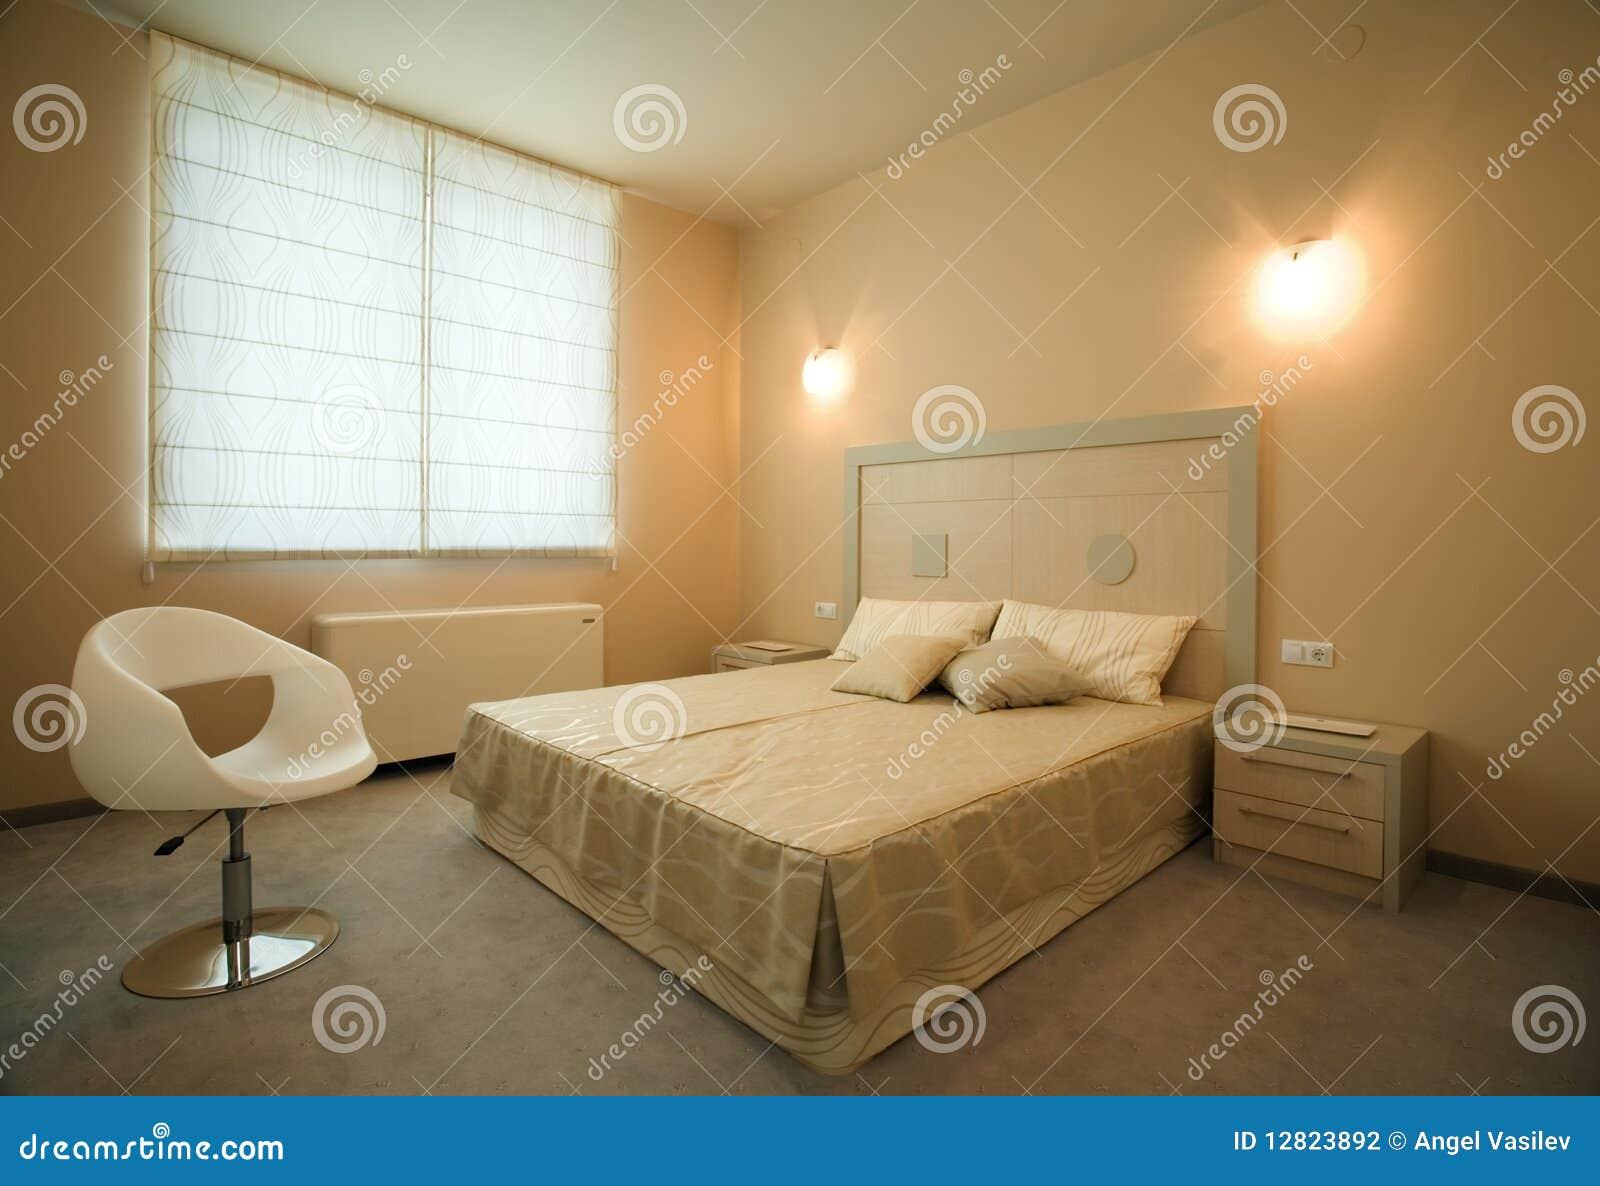 Dise o interior del dormitorio elegante y de lujo - Dormitorio de diseno ...